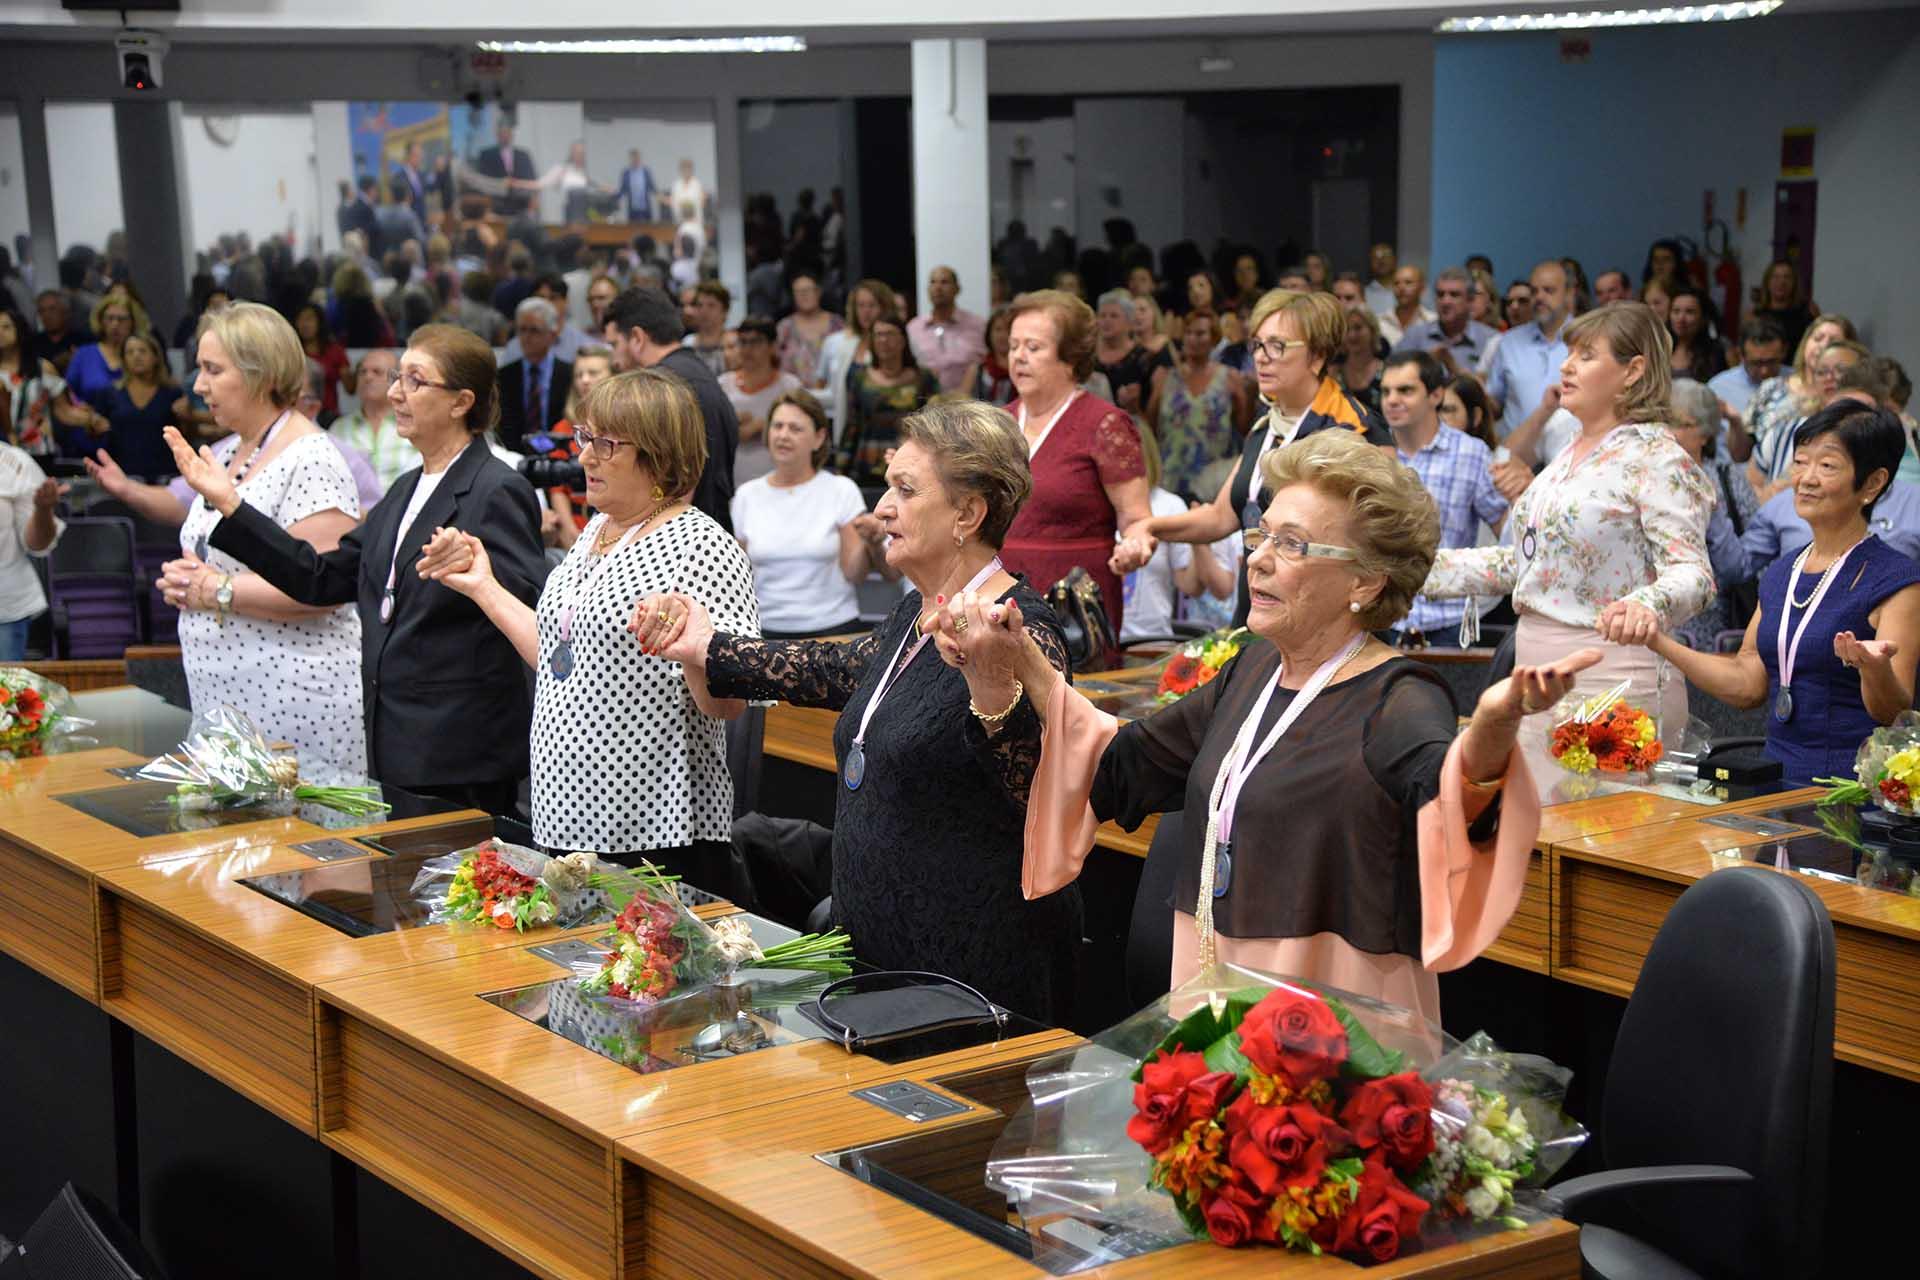 No ano passado, Plenário ficou lotado durante as homenagens. Nesta sexta-feira não deve ser diferente | Foto Divulgação Arquivo/CVJ